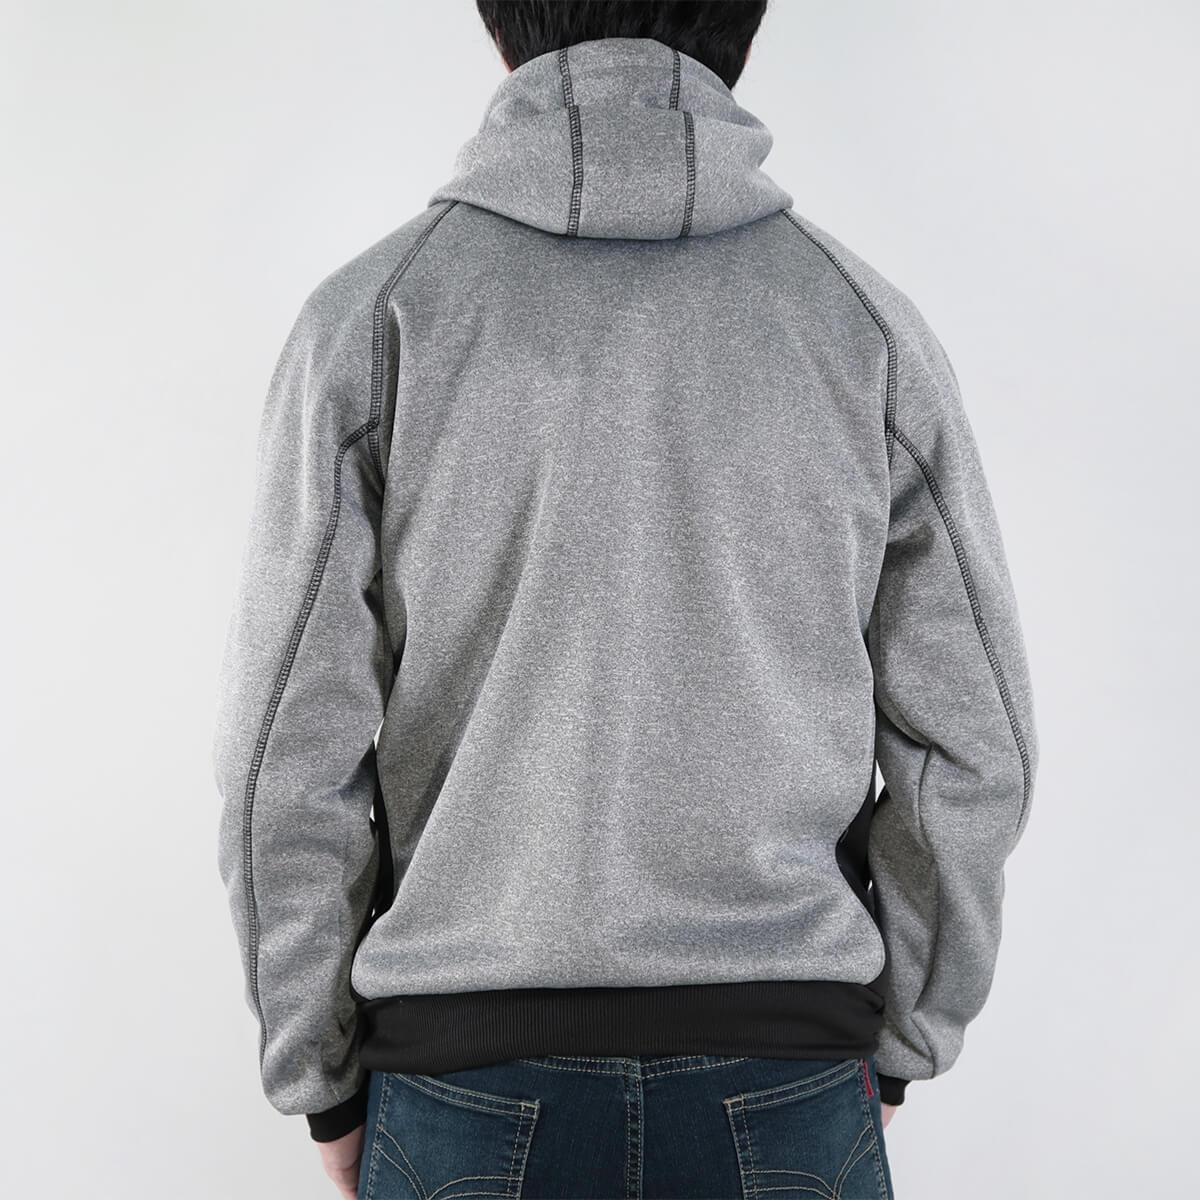 內刷毛連帽保暖外套 夾克外套 運動外套 休閒連帽外套 刷毛外套 黑色外套 時尚穿搭 WARM FLEECE LINED JACKETS (321-8916-01)淺灰色、(321-8916-02)深灰色、(321-8916-03)黑色 L XL 2L(胸圍46~50英吋) [實體店面保障] sun-e 5